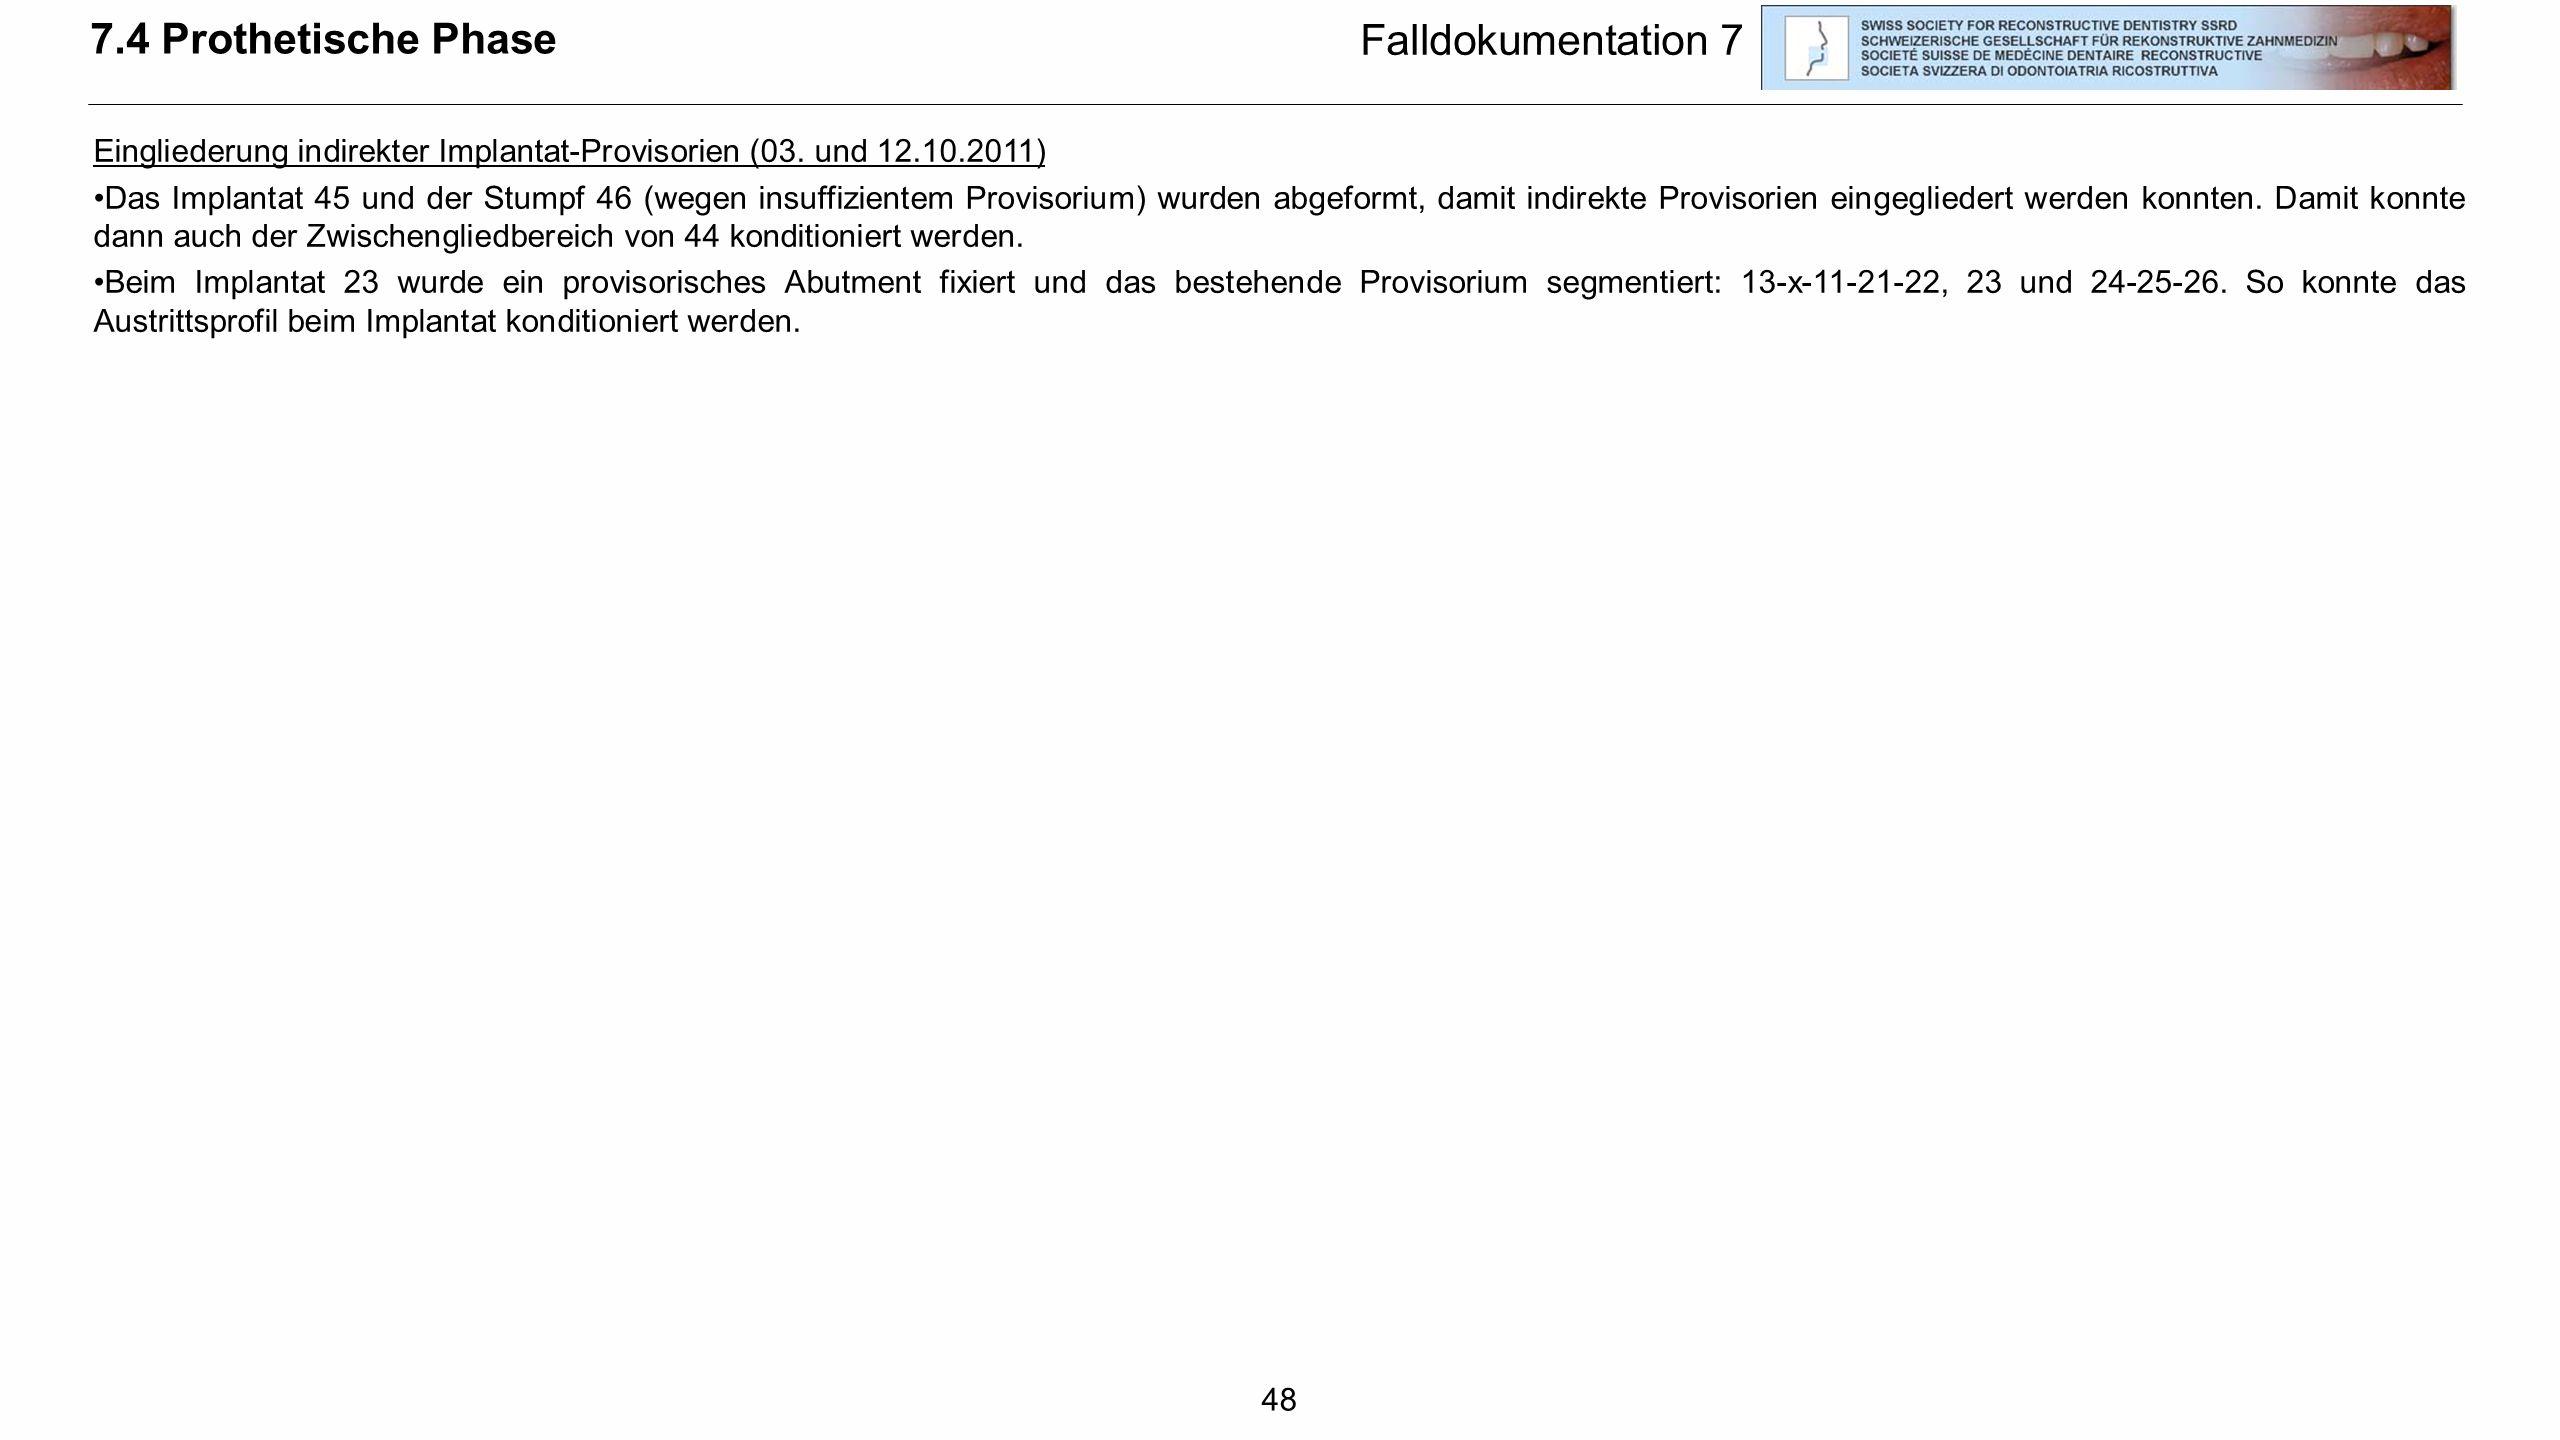 48 Eingliederung indirekter Implantat-Provisorien (03. und 12.10.2011) Das Implantat 45 und der Stumpf 46 (wegen insuffizientem Provisorium) wurden ab